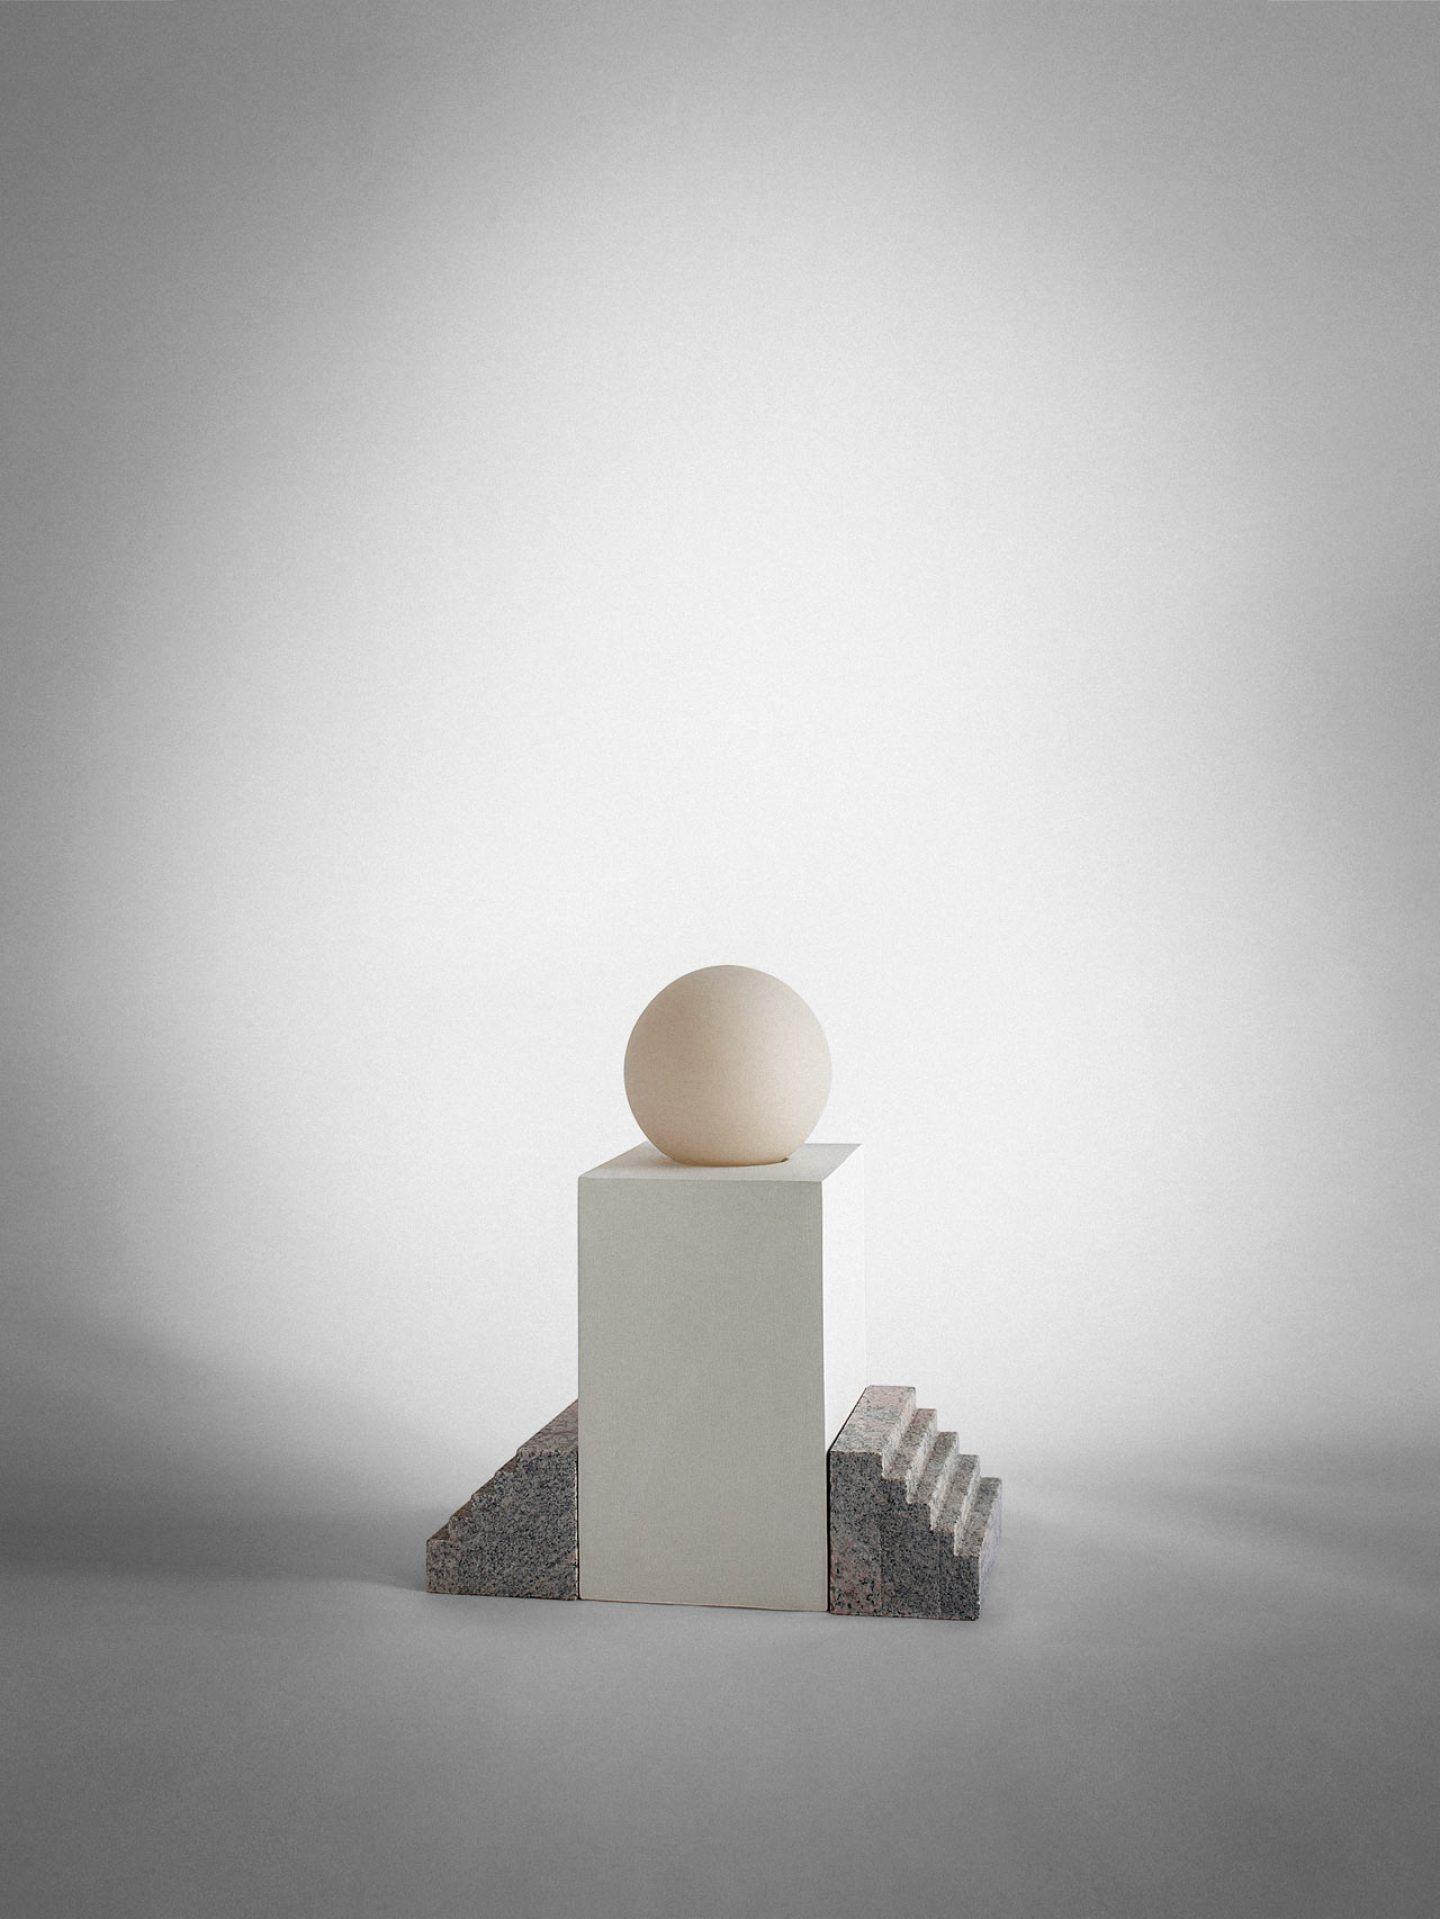 IGNANT-Design-Ossimorri-Studiopepe-9